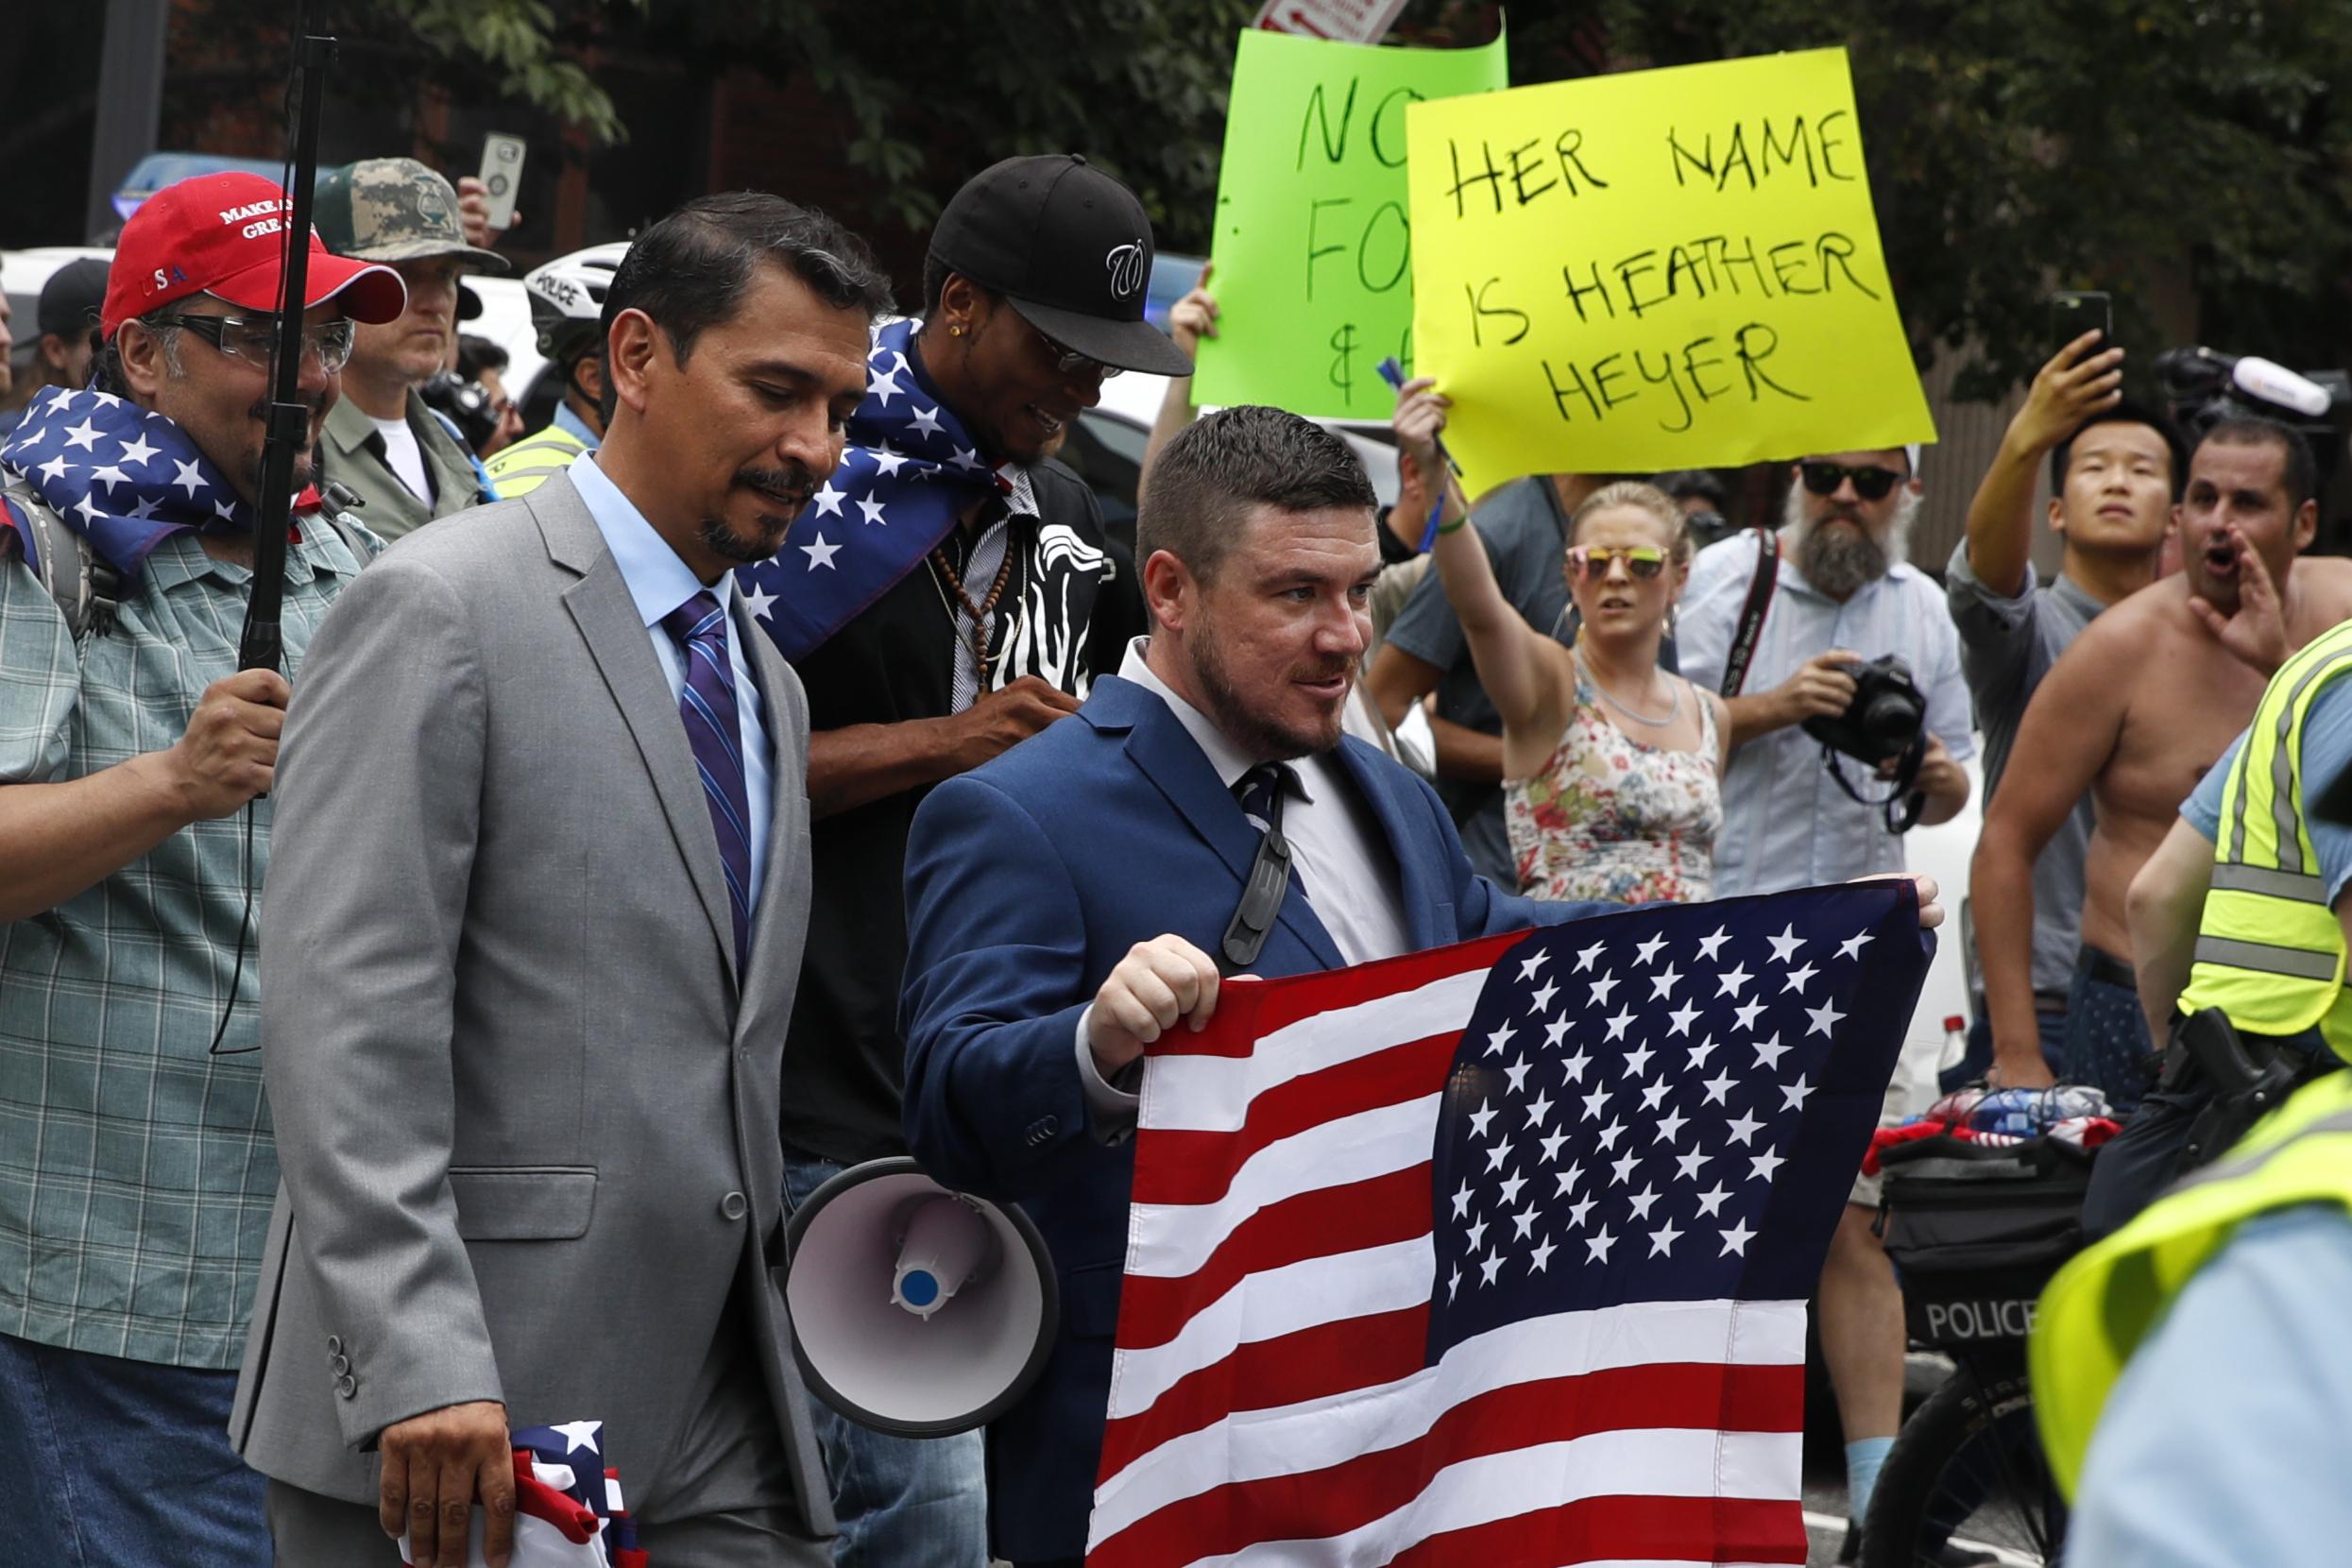 Szinte senki sem ment el az alt rightosok washingtoni tüntetésére